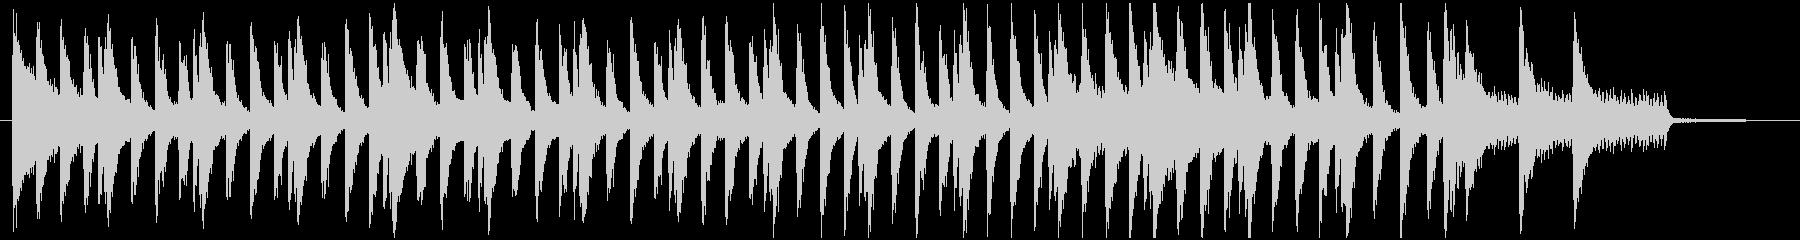 本物の響きのある中世の楽器は、チュ...の未再生の波形